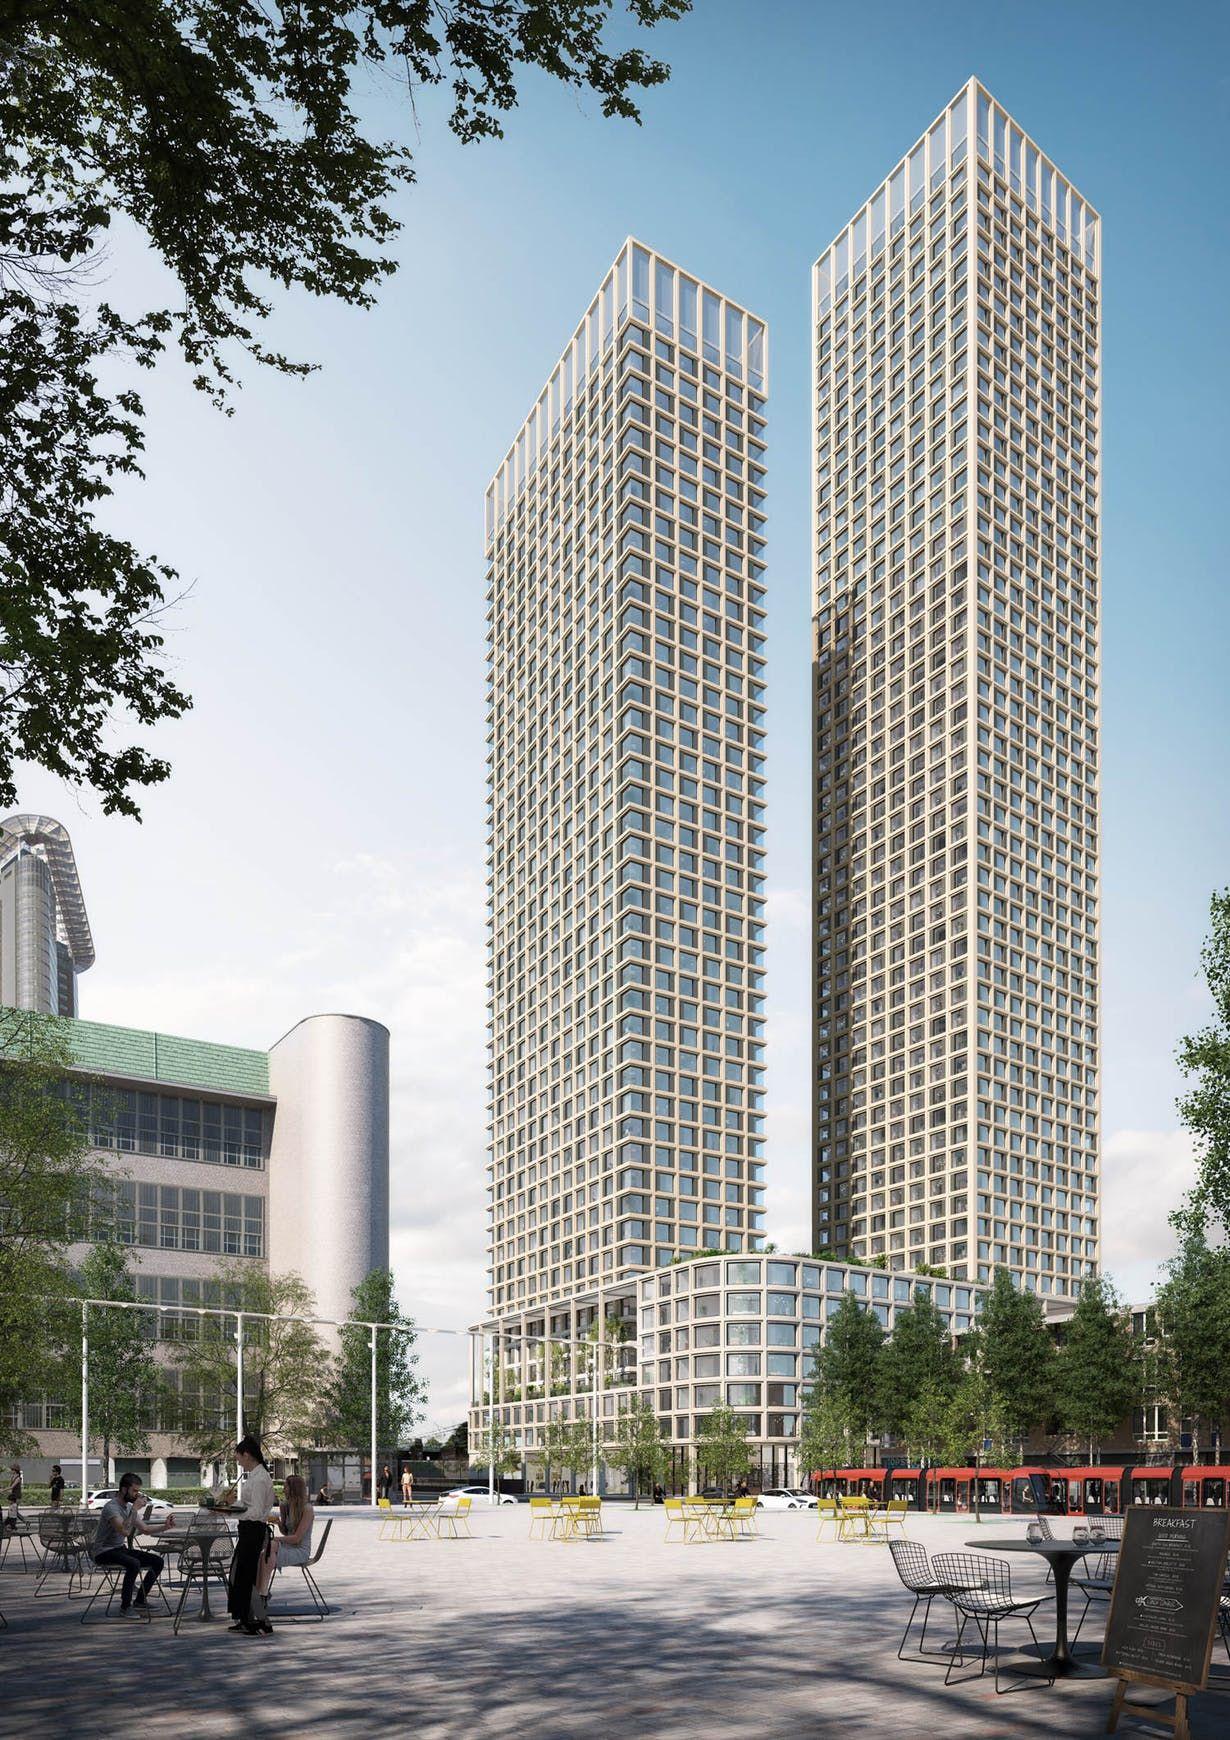 The Grace Mecanoo Archinect in 2020 Skyscraper